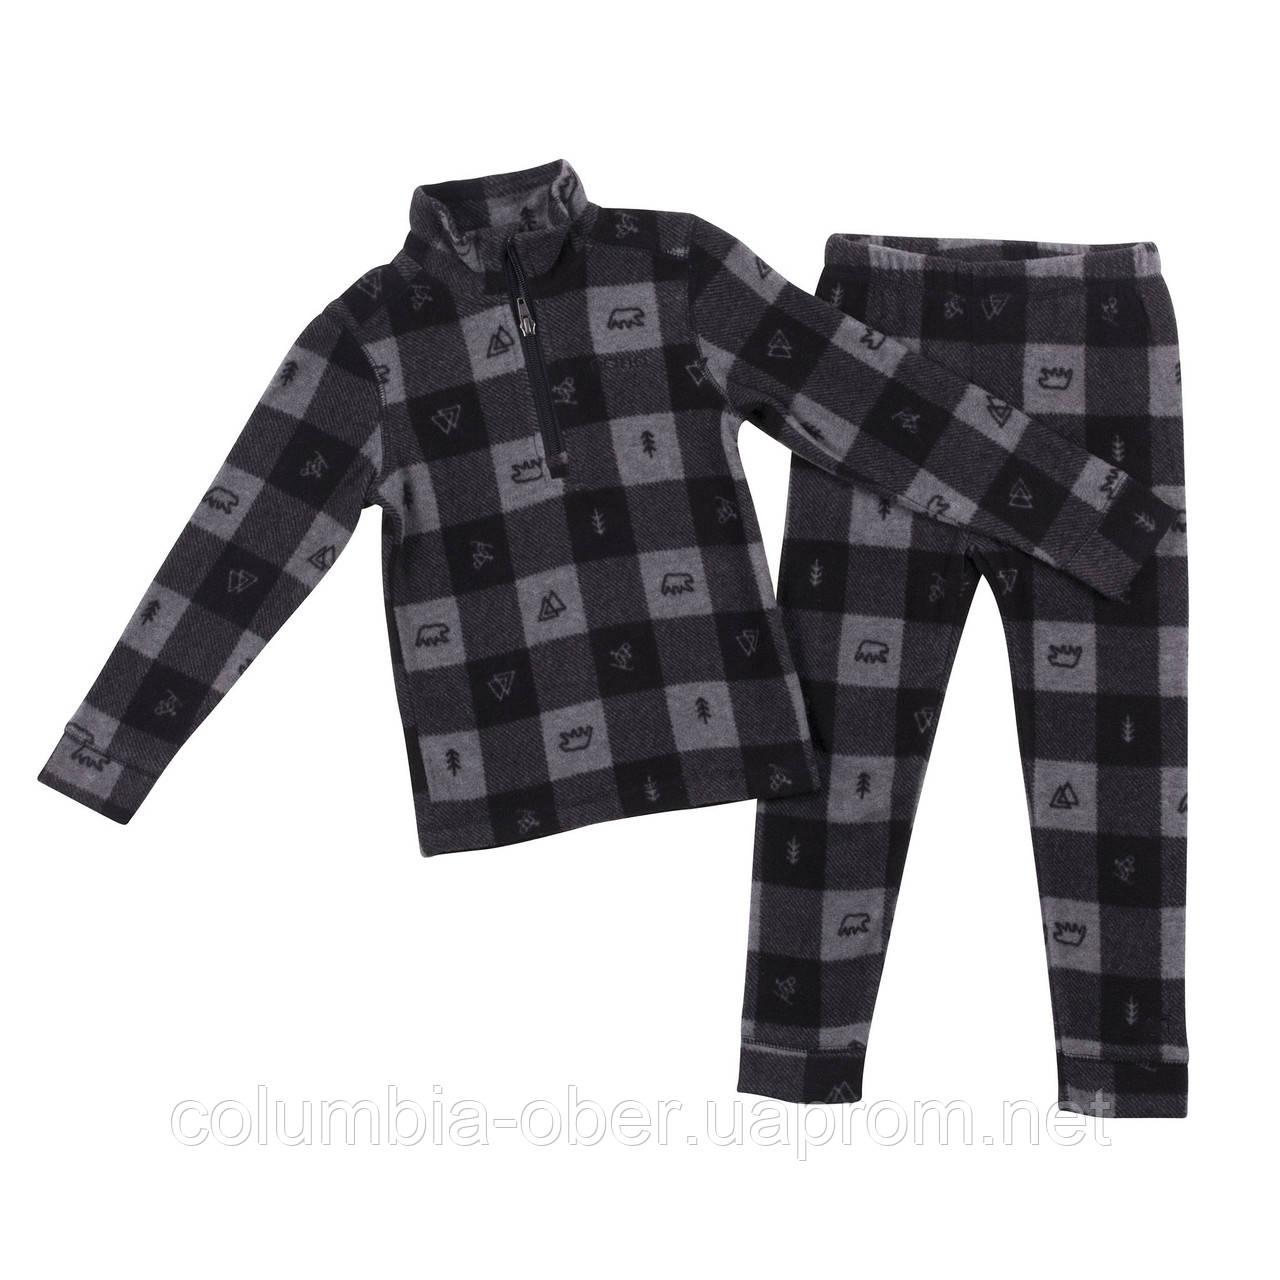 Флисовый костюм для мальчика NANO BUWP600-F18 Mid Gray Mix. Размеры 2-12.